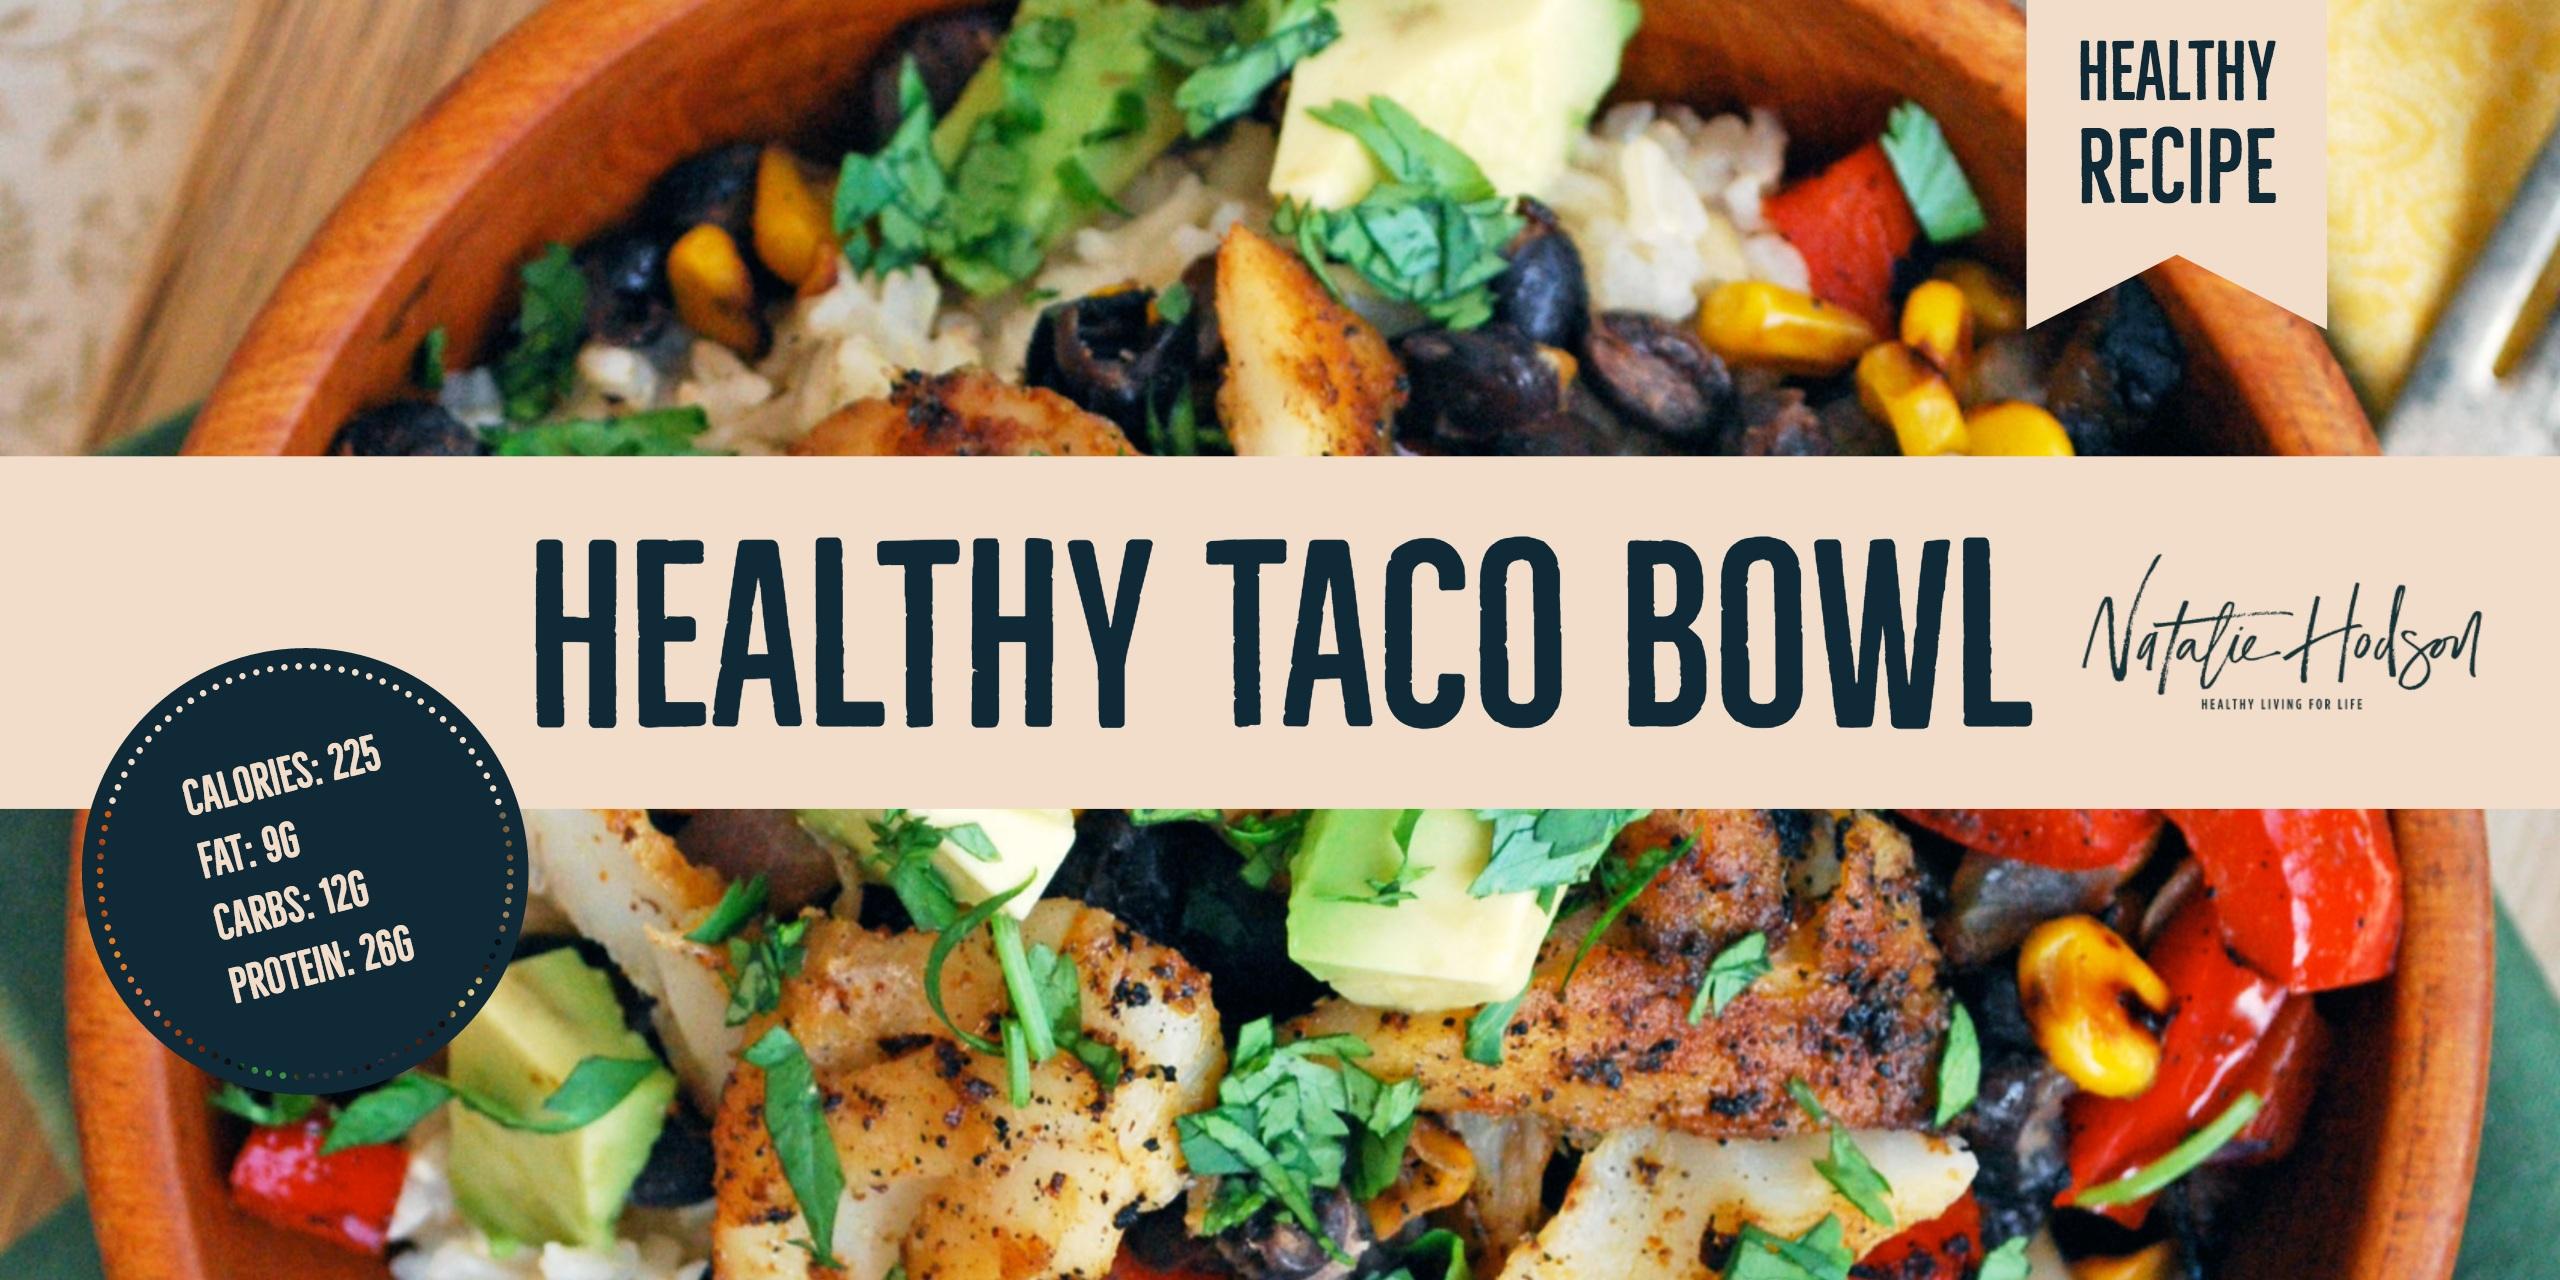 healthytacobowl-email_blog